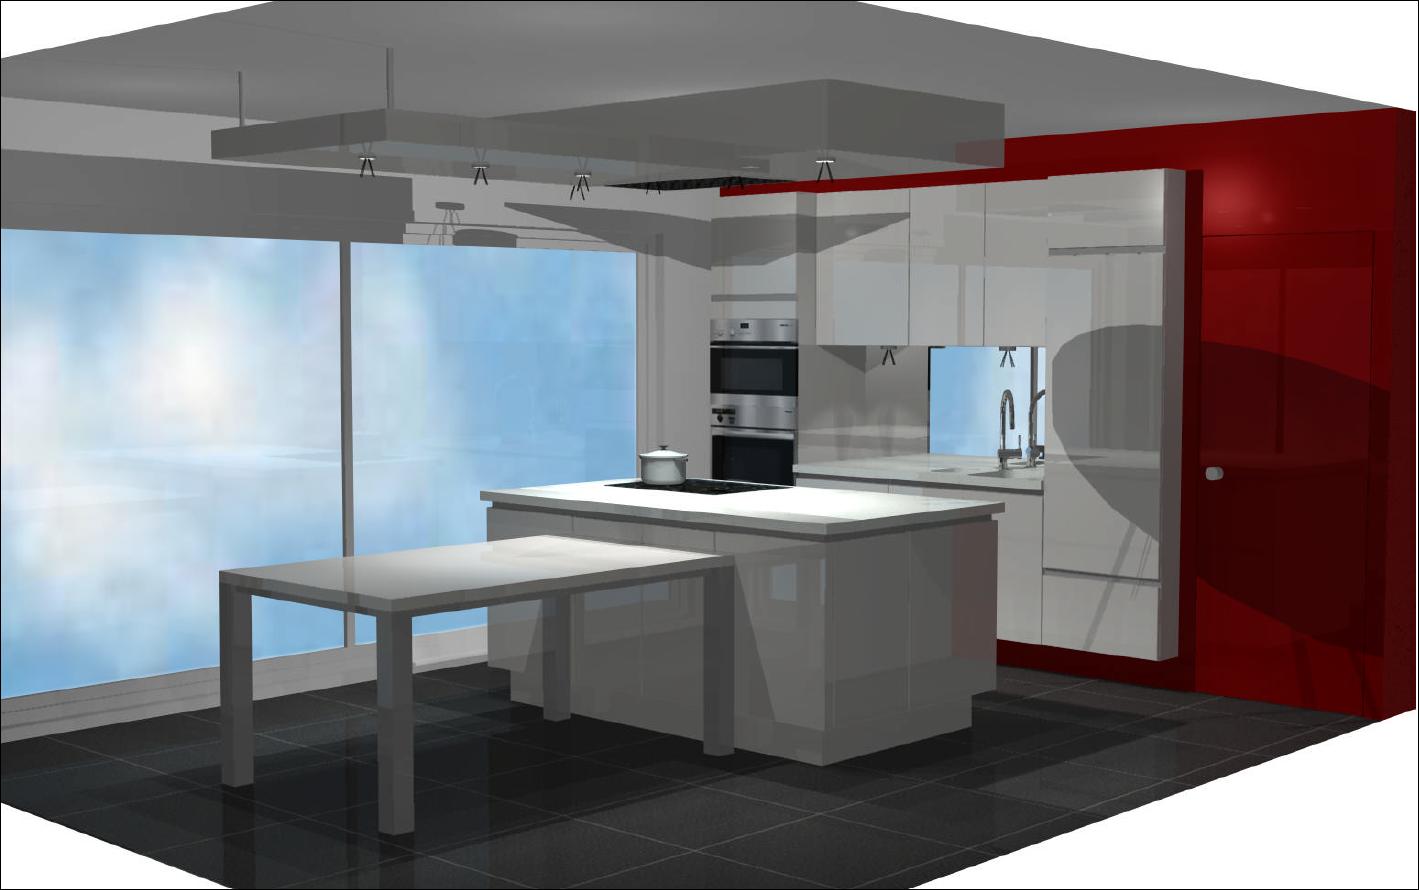 De grootse plannen van koen heidi het ontwerp voor de keuken - Dimensie centraal keuken eiland ...